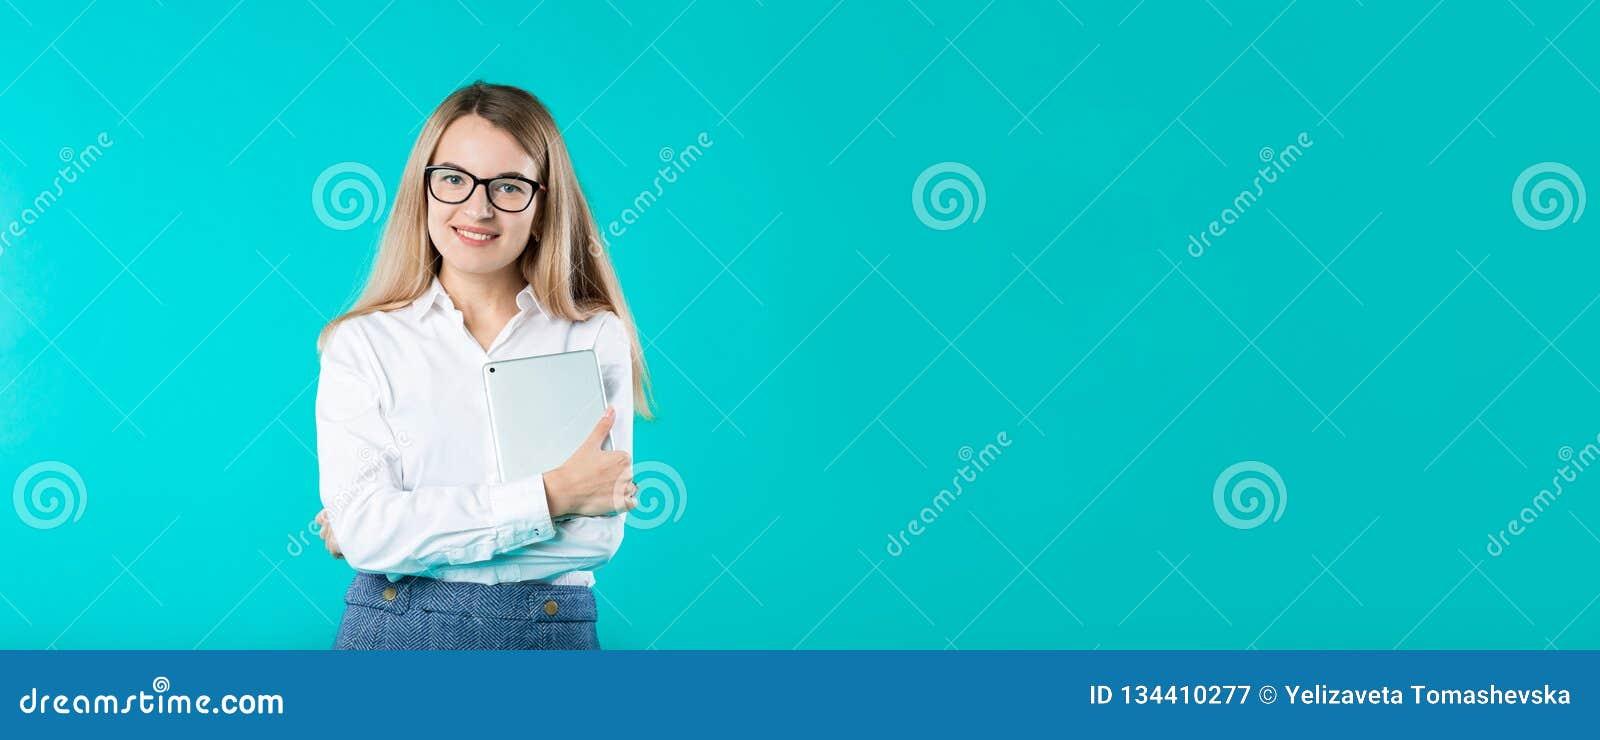 Менторство тренера учителя работника женщины портрета молодое кавказское в волосах белого стиля офиса рубашки длинных с планшетом